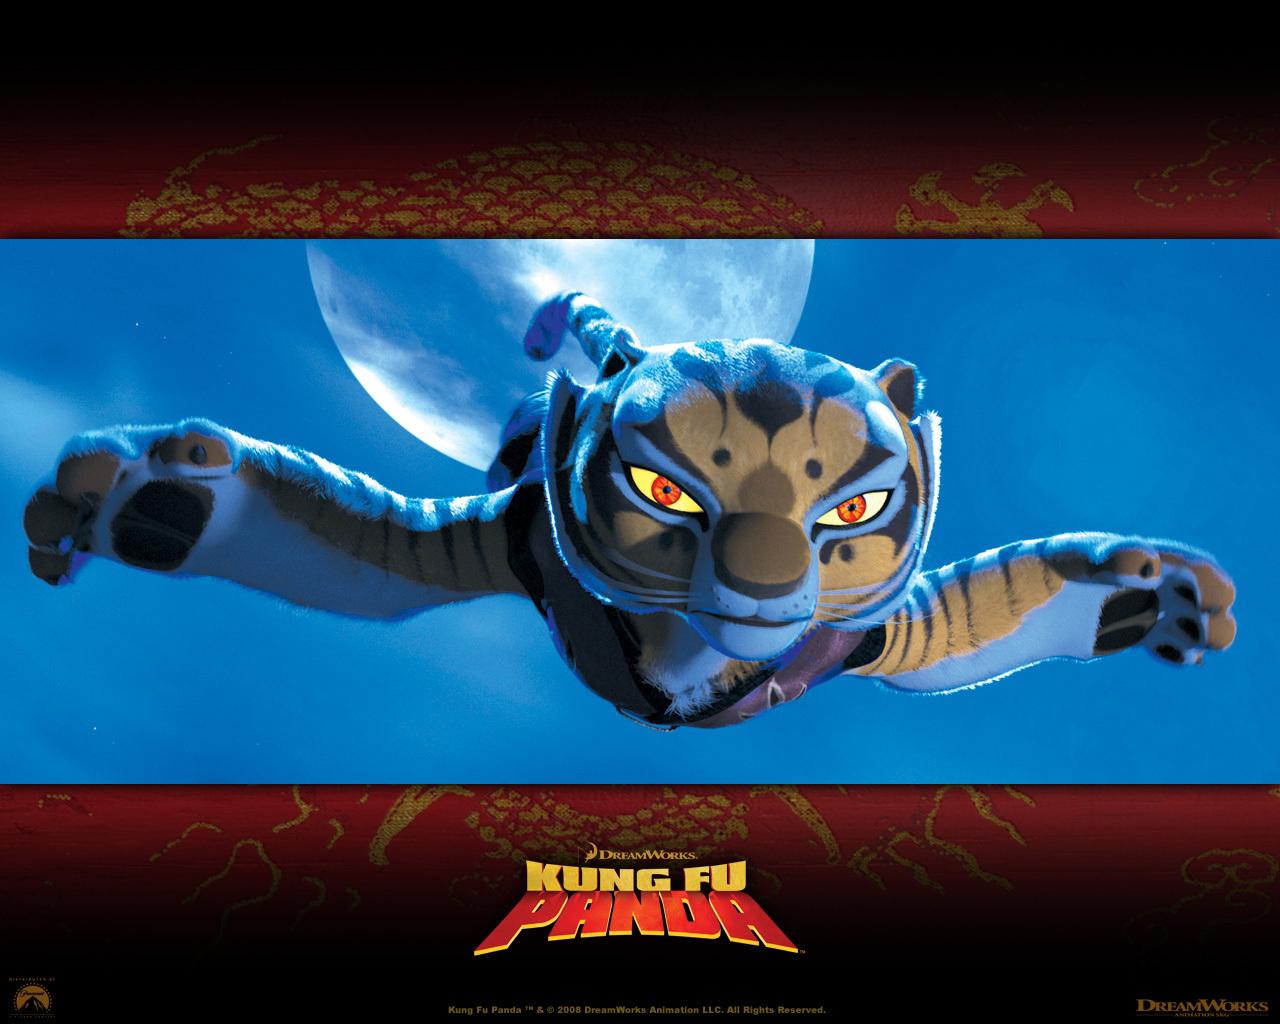 http://images1.fanpop.com/images/photos/1500000/Kung-Fu-Panda-kung-fu-panda-1543145-1280-1024.jpg